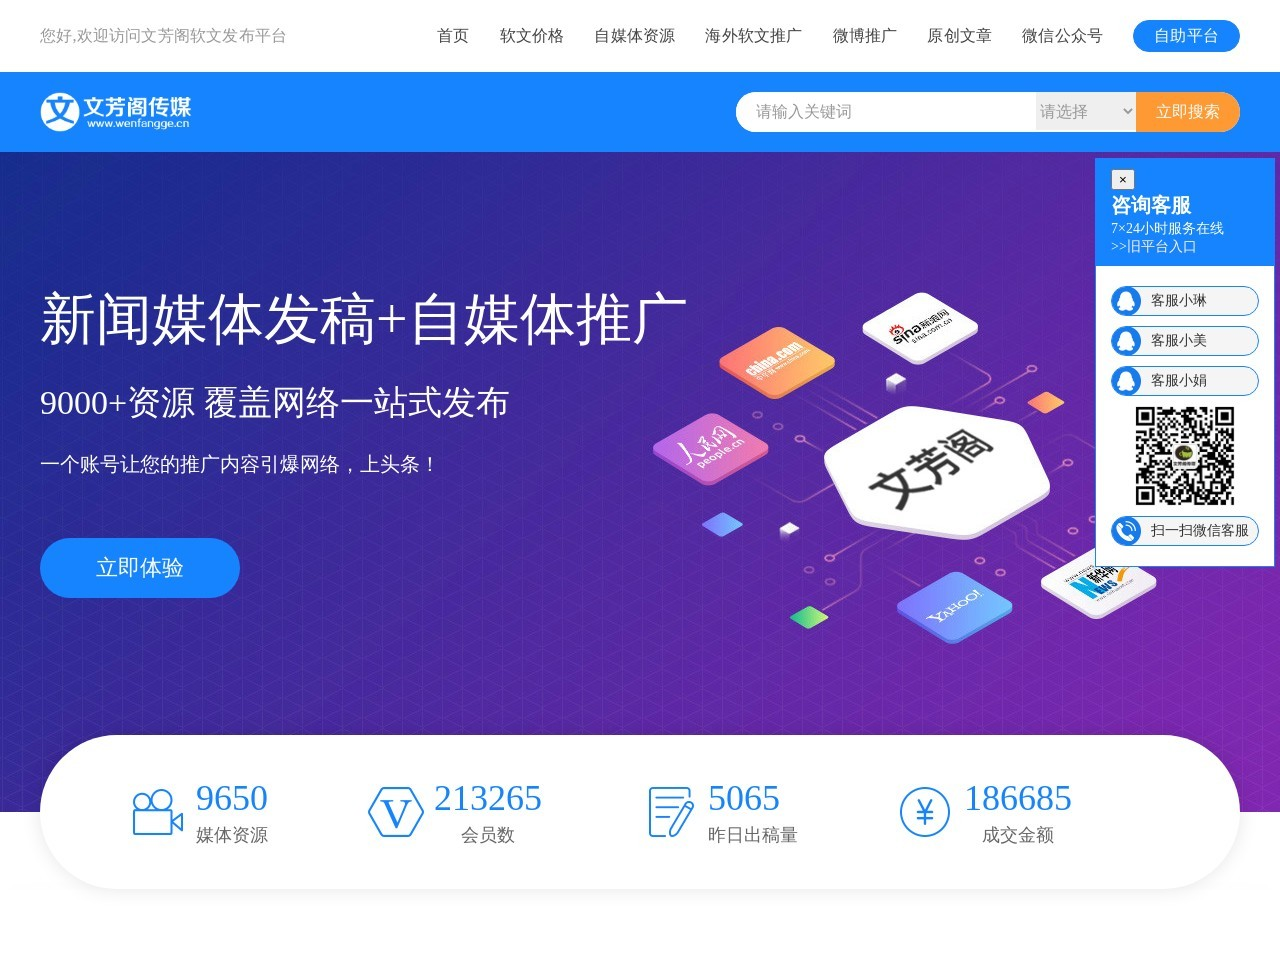 首页 新闻发布-文芳阁门户网站软文发布推广平台助力品牌营销